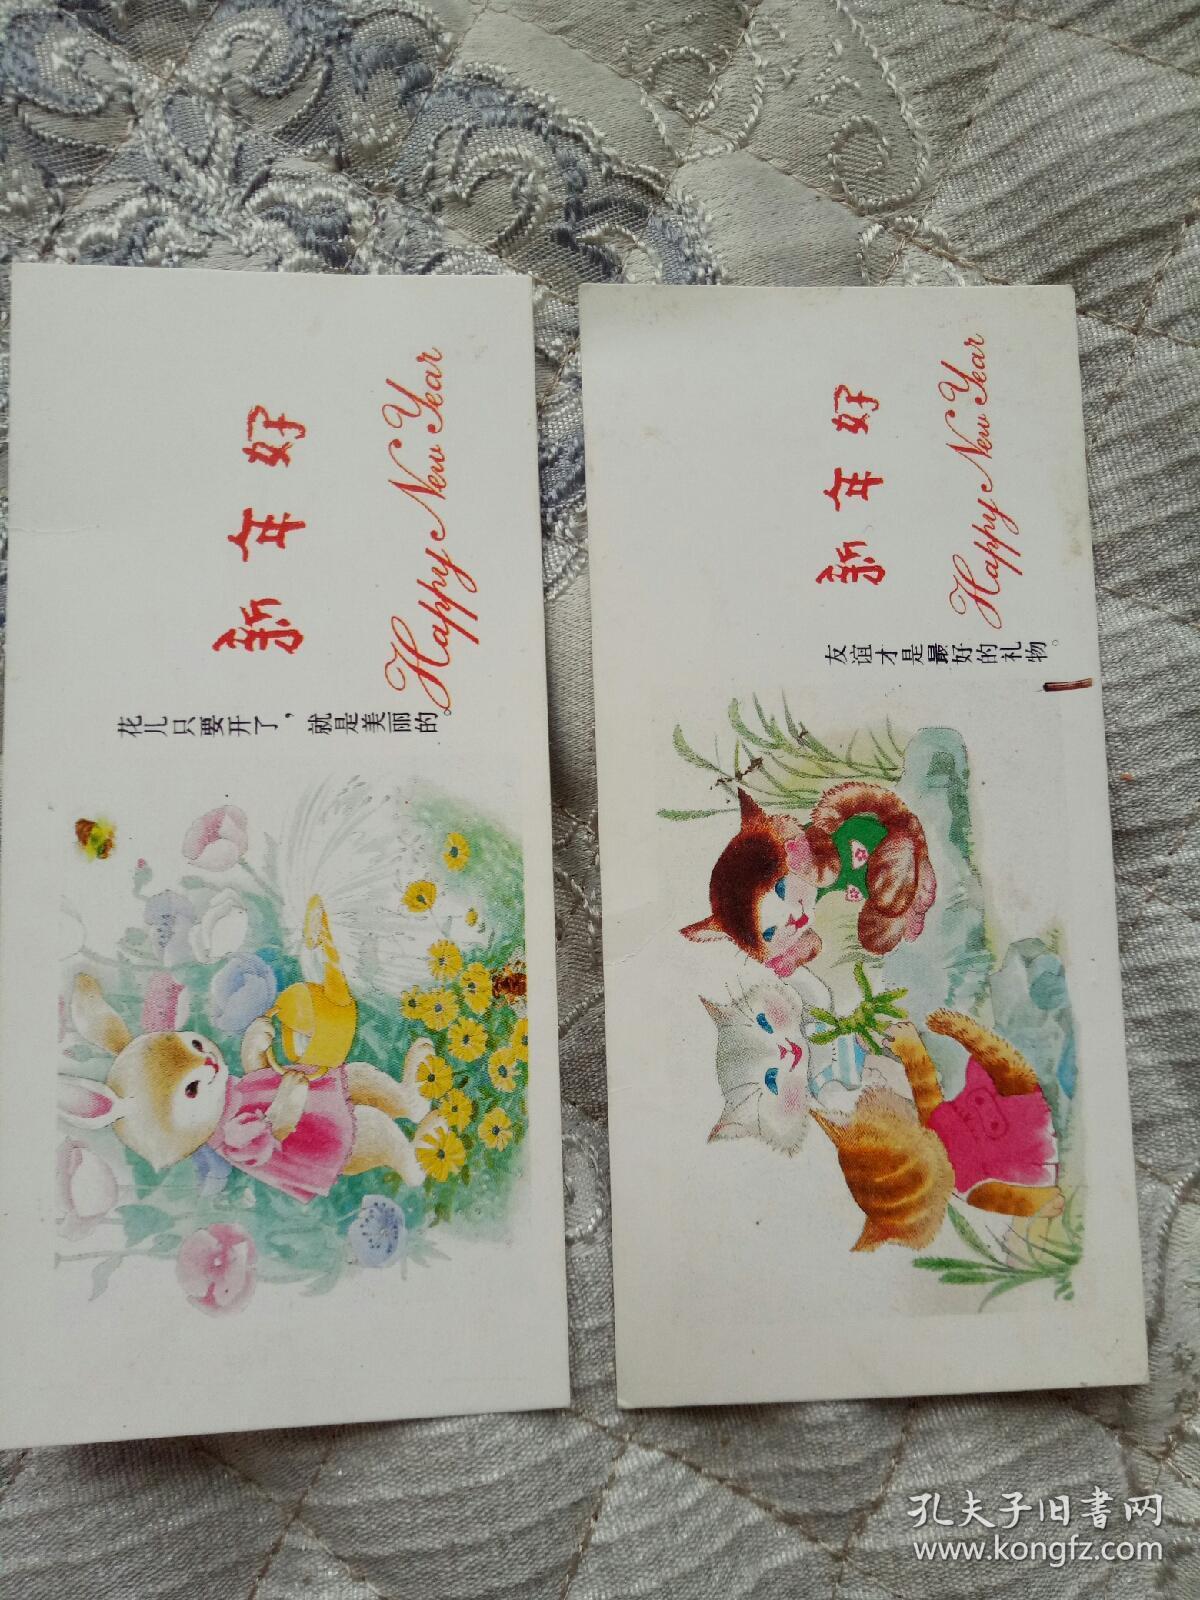 1988年 新年好 年历卡(2张)